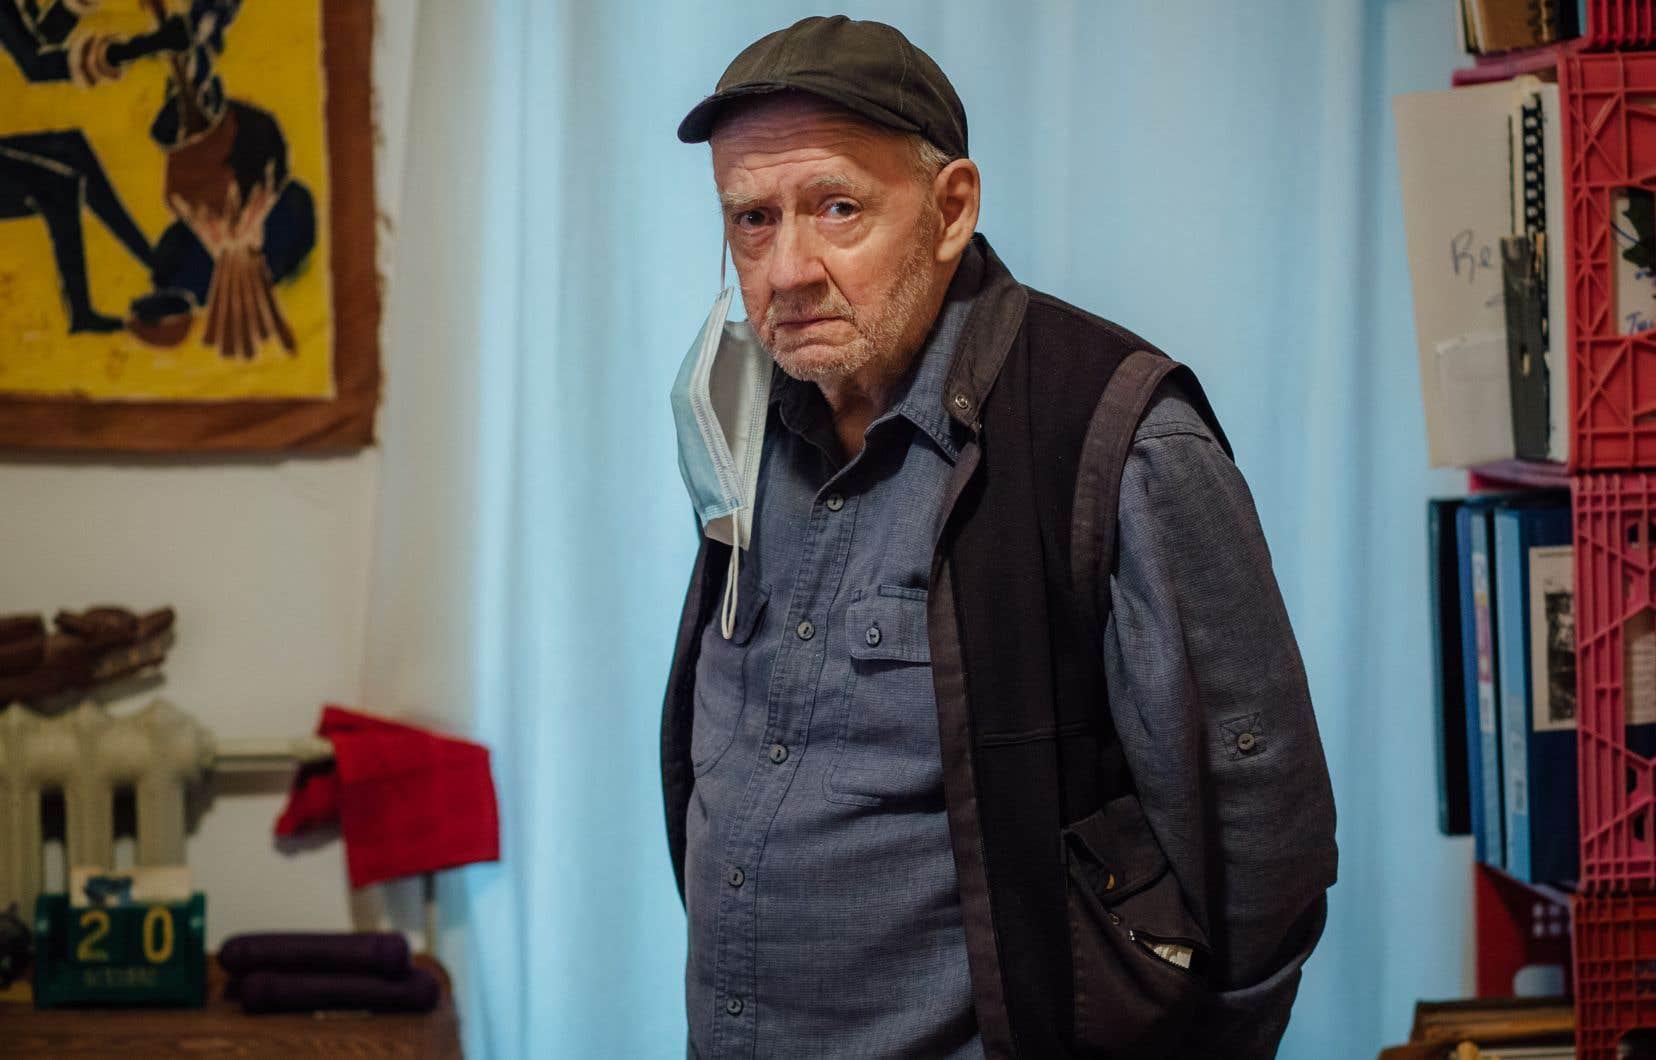 Malgré son âge et les petits bobos, Patrice Desbiens regarde en avant avec ce qui, dans la mesure où il s'agit de Patrice Desbiens, ressemble (presque) à de la sérénité. Un nouveau livre suivra même «poèmes», comme s'il ne pouvait exister d'avenir que dans ce qu'il reste à écrire.